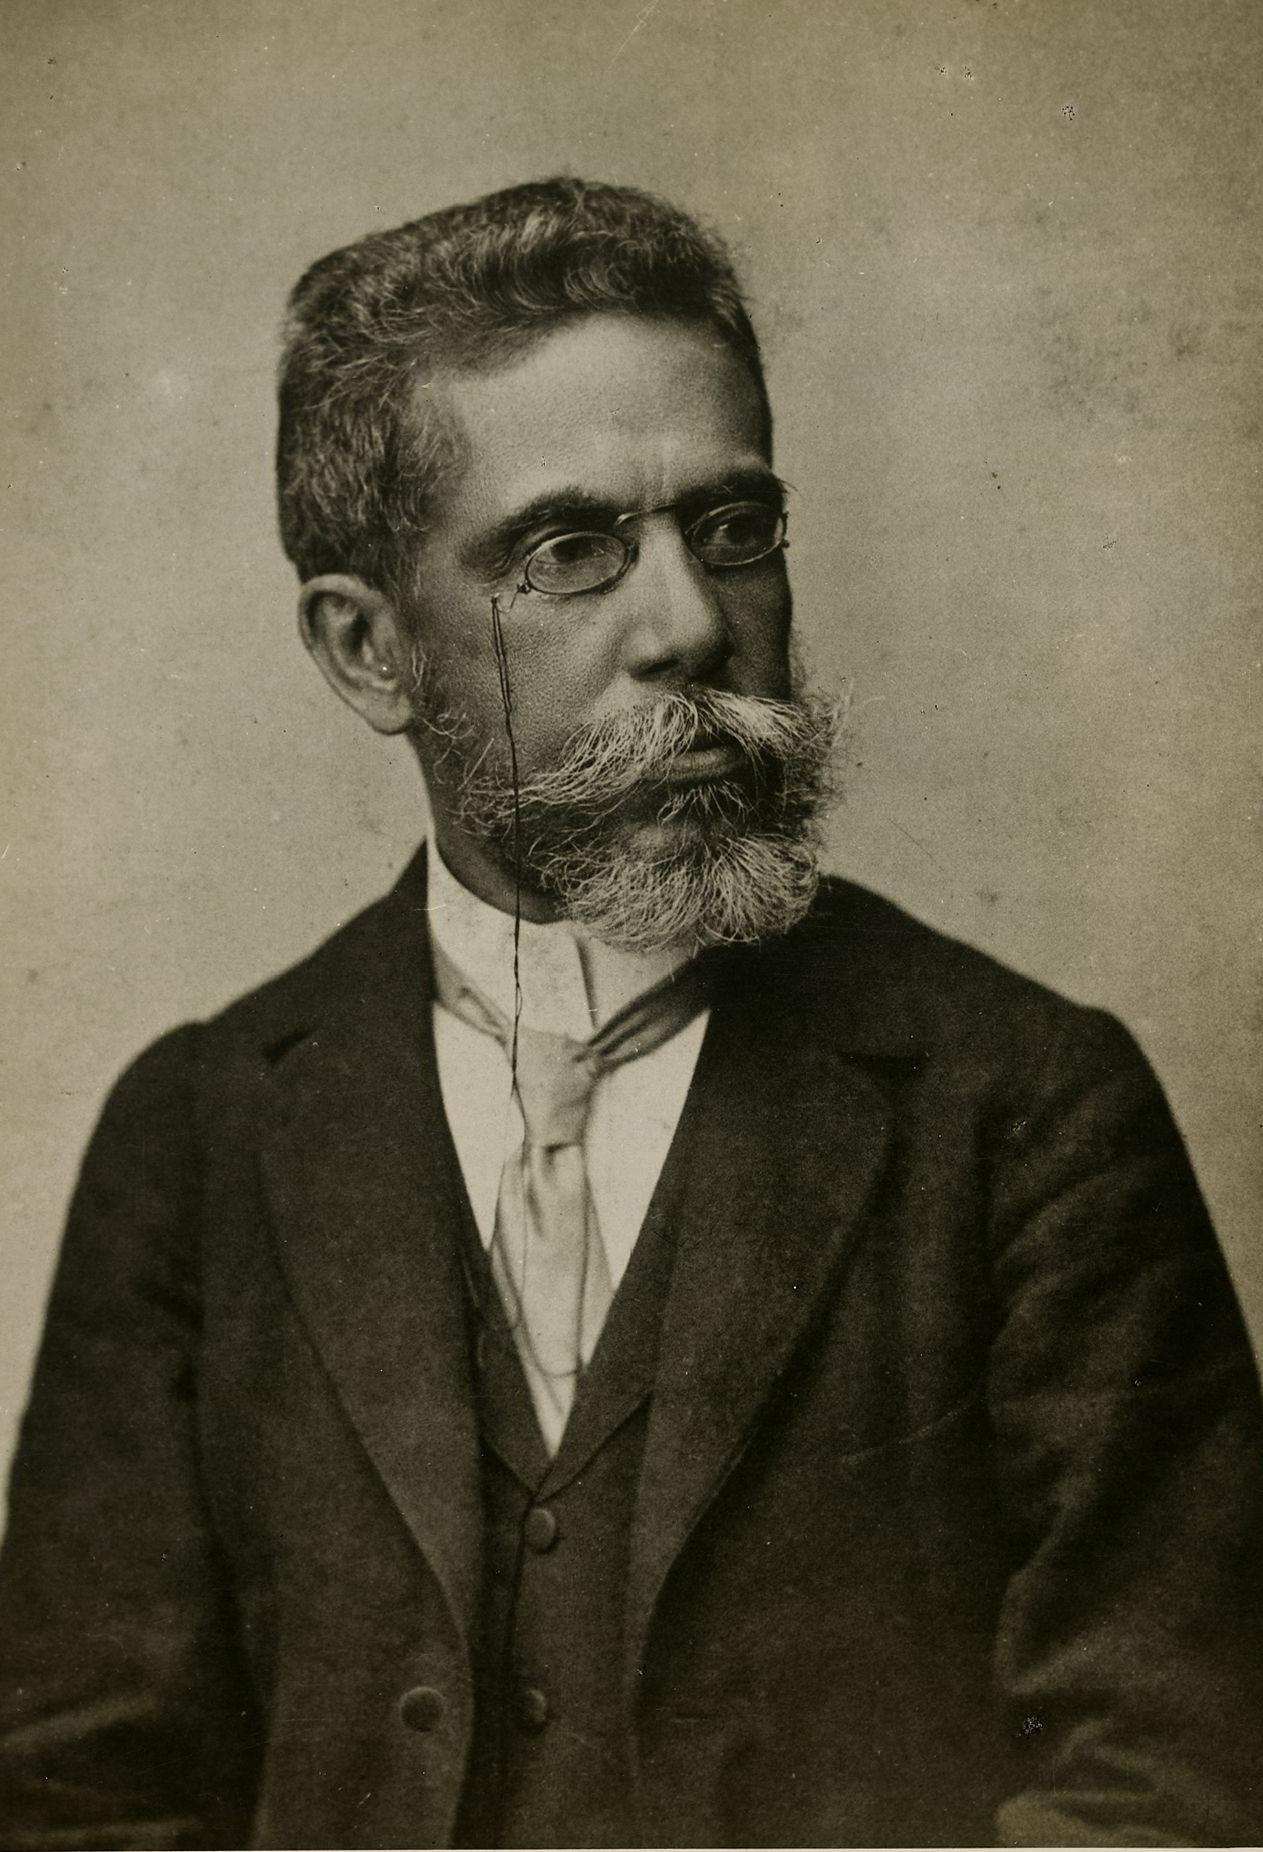 Machado de Assis - founder of the Academia Brasileira de Letras